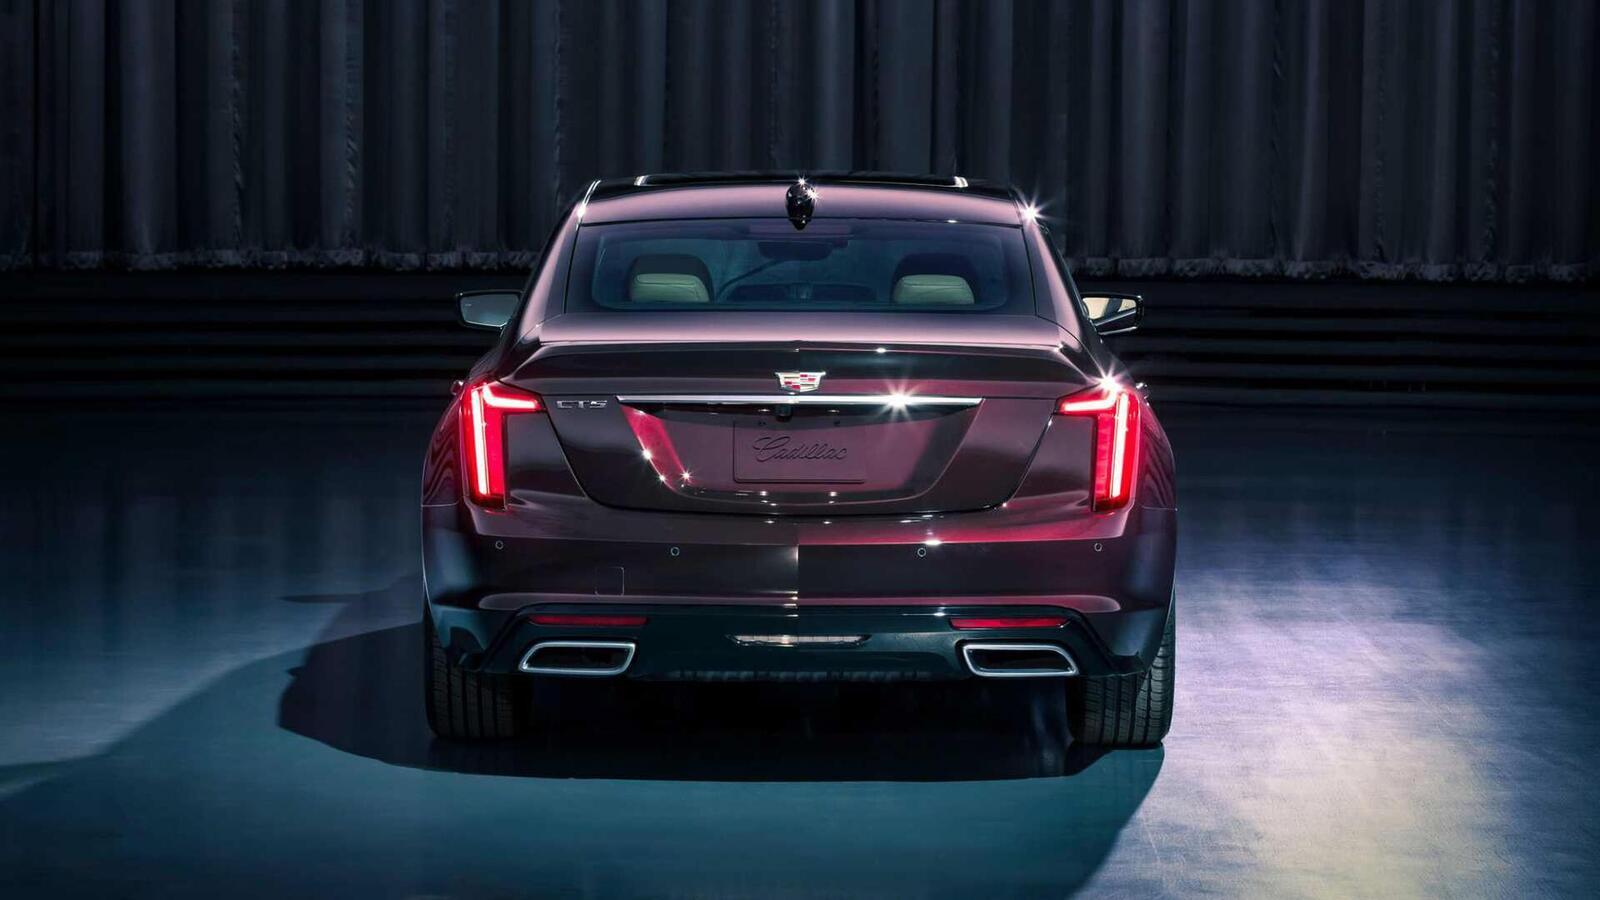 Xem trước sedan Cadillac CT5 hoàn toàn mới trước ngày ra mắt: kẻ thay thế  CTS - Hình 3